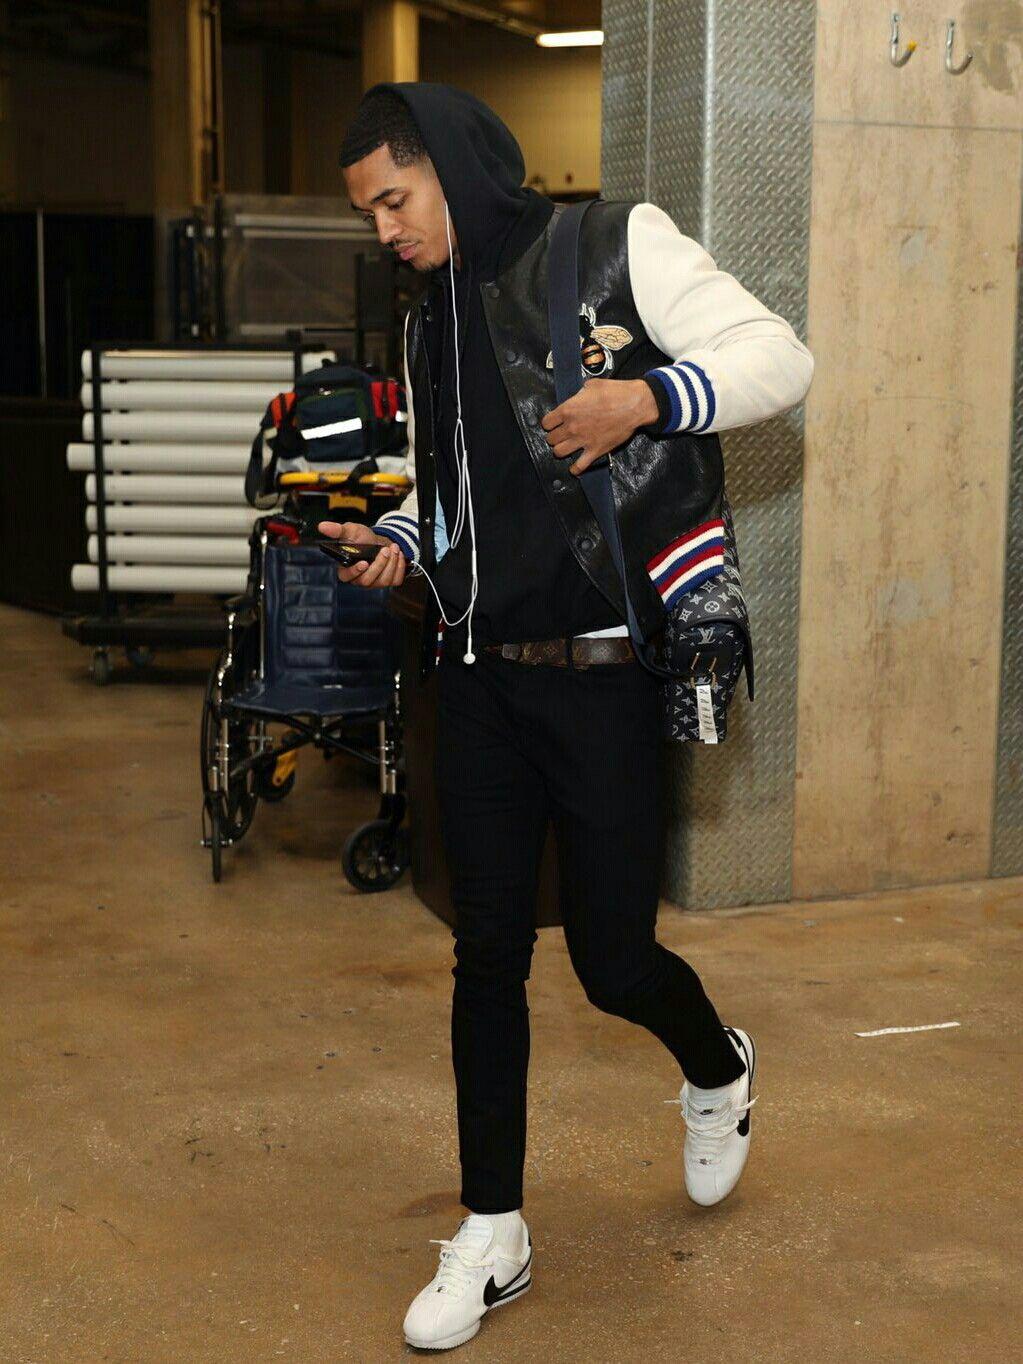 65fea4a47fd Jordan Clarkson wearing Nike Cortez | Impress Me (With Street ...